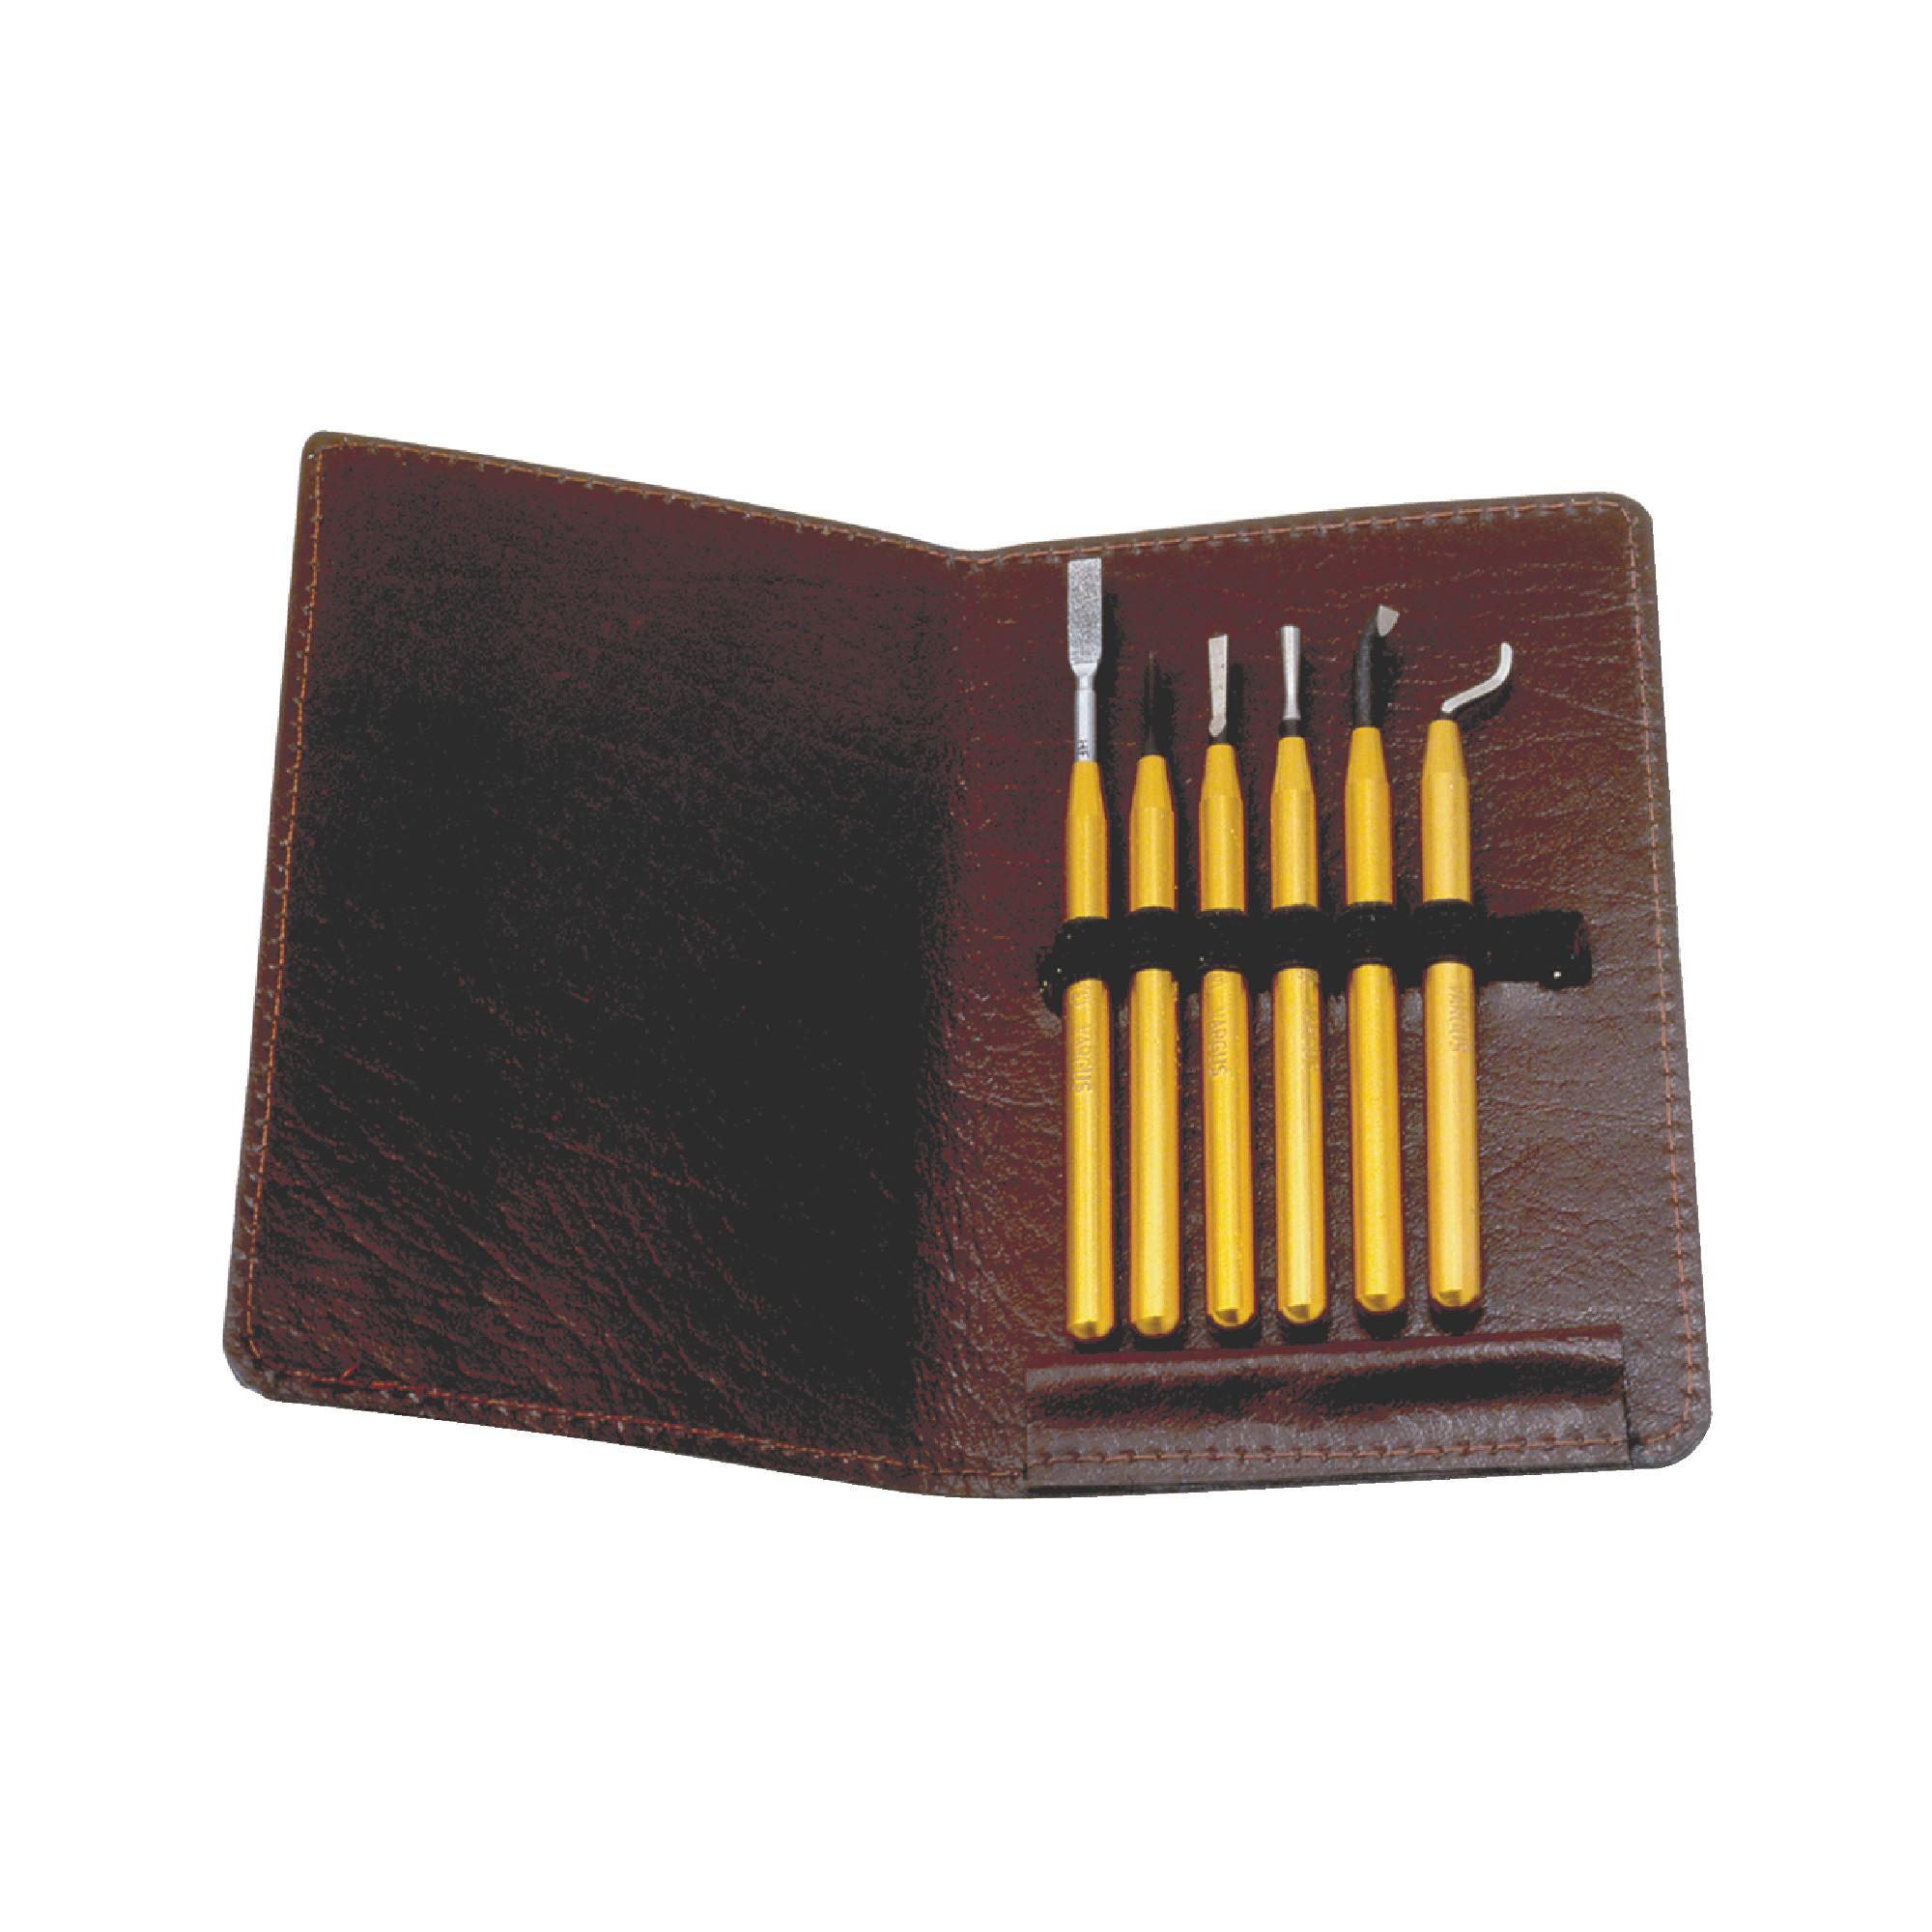 Miniature Deburring & Scraping Tool Set